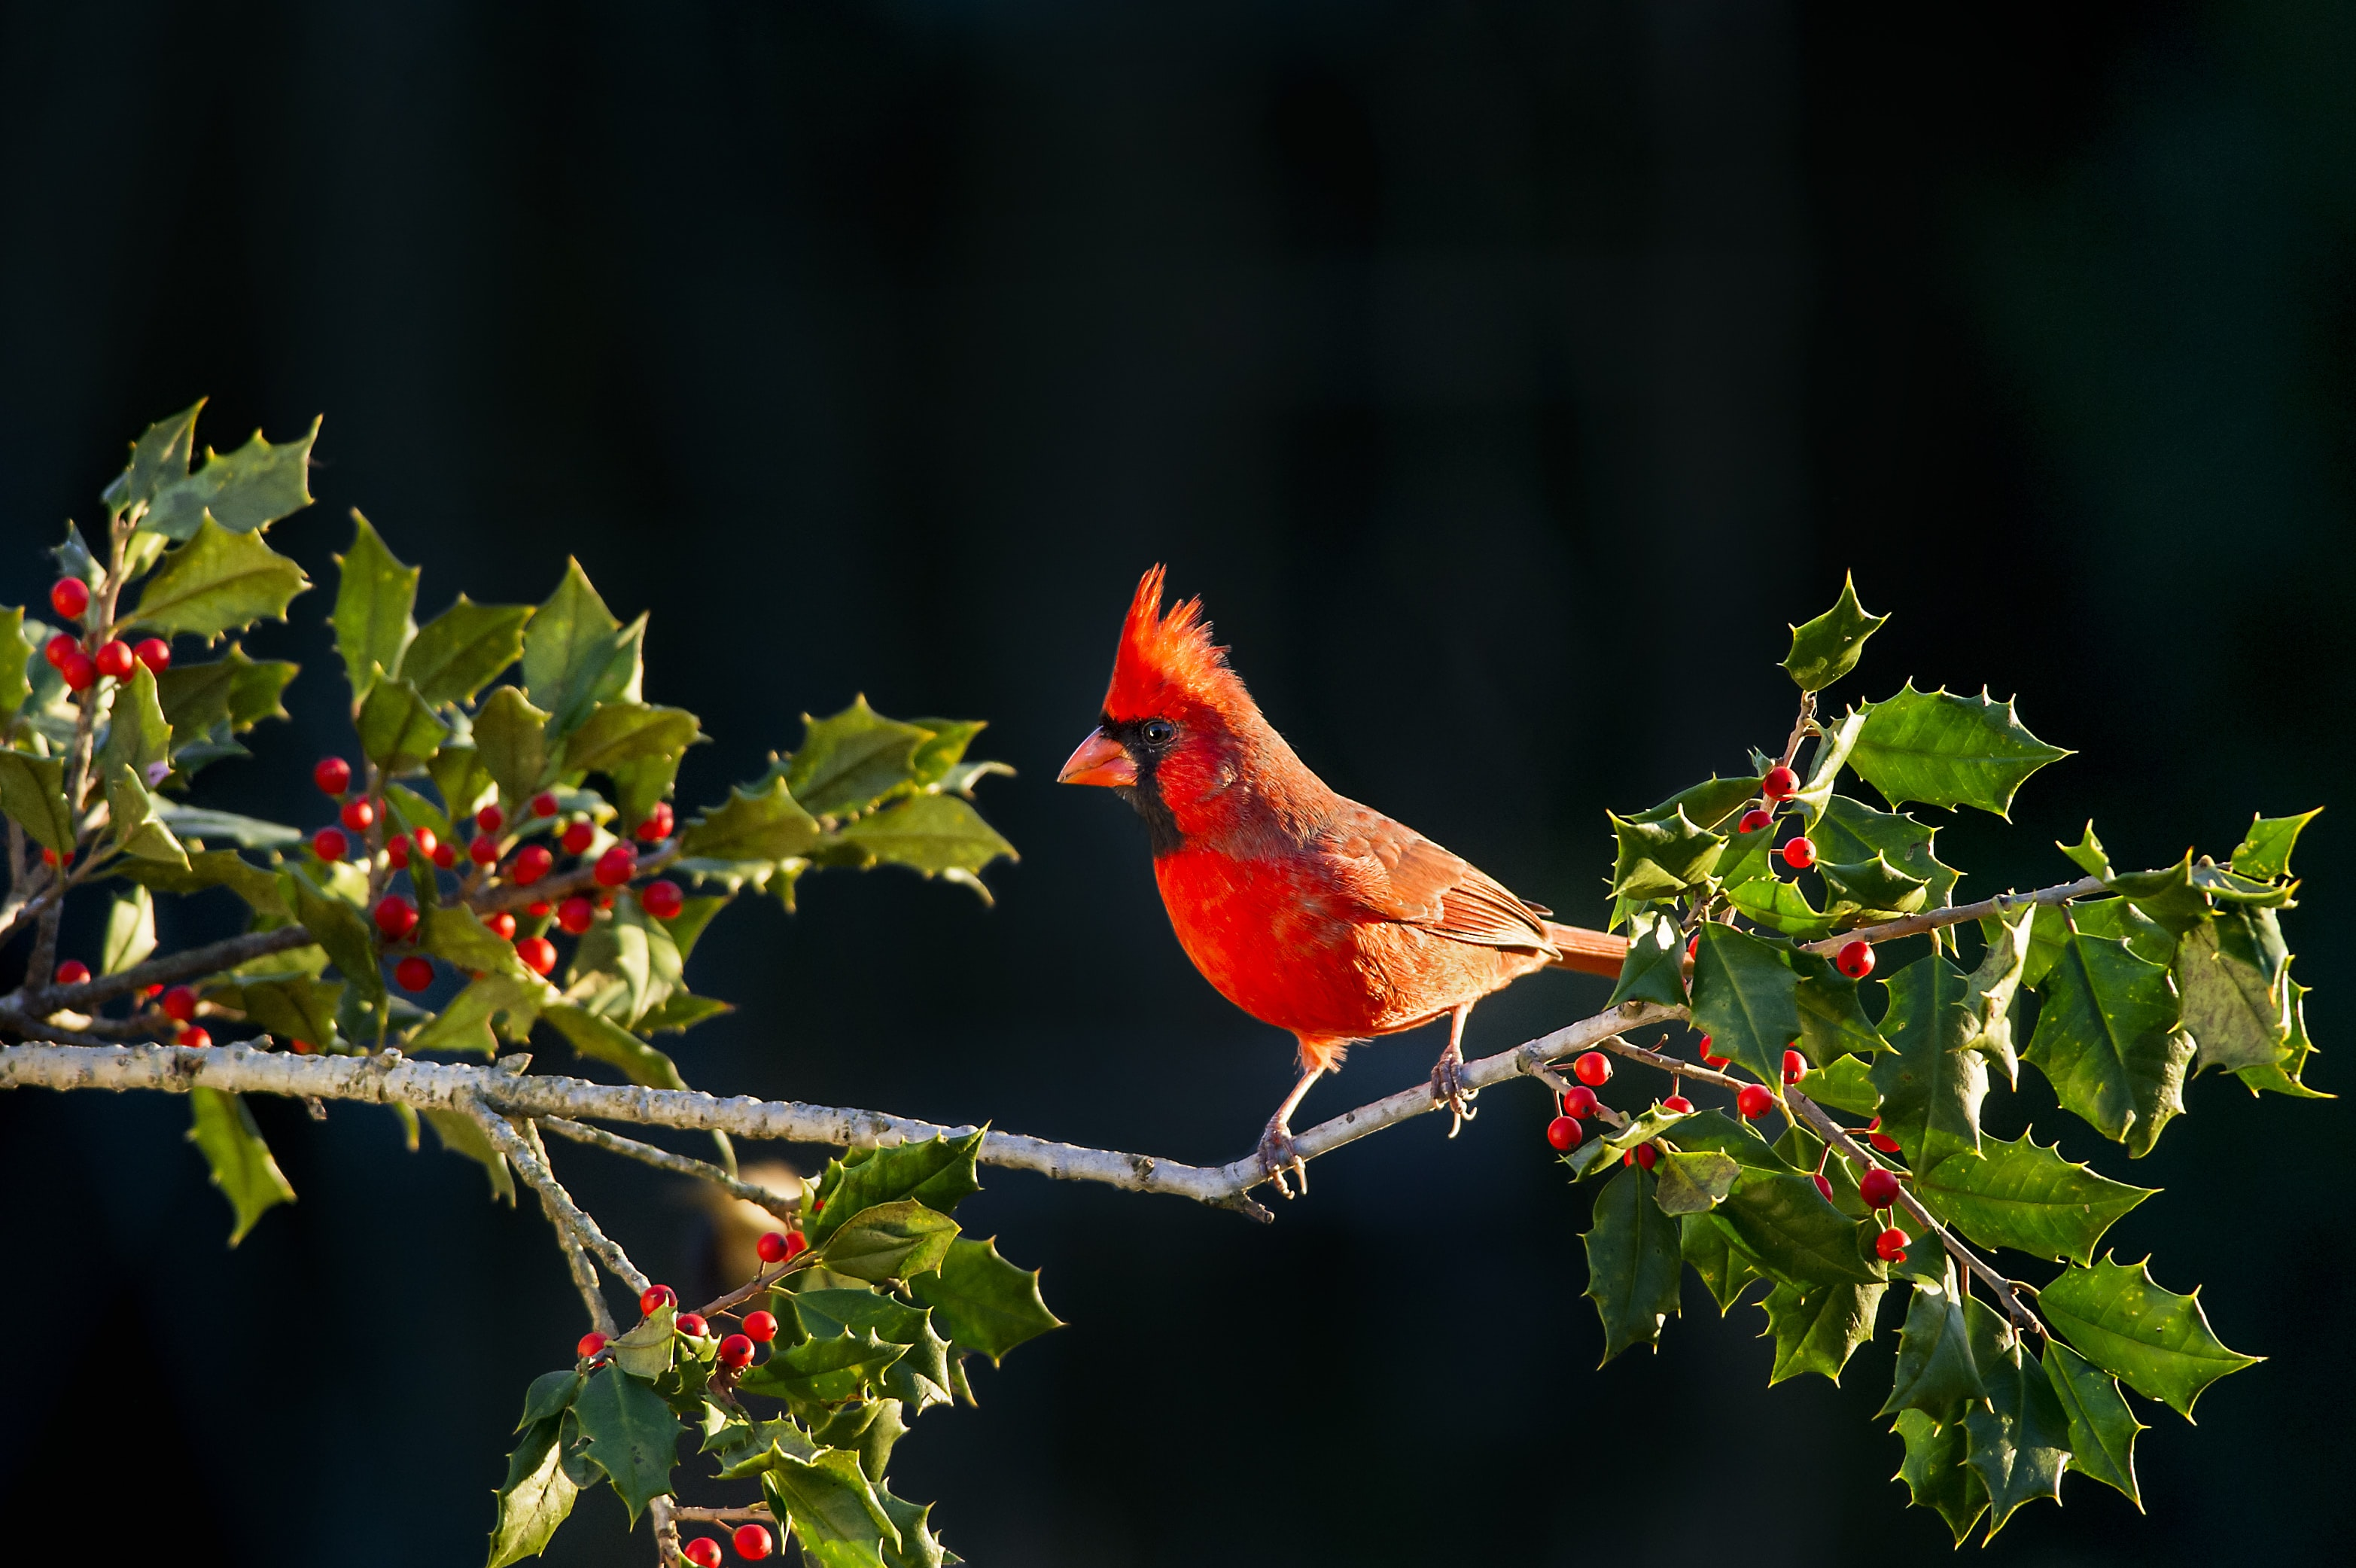 Red bird stories